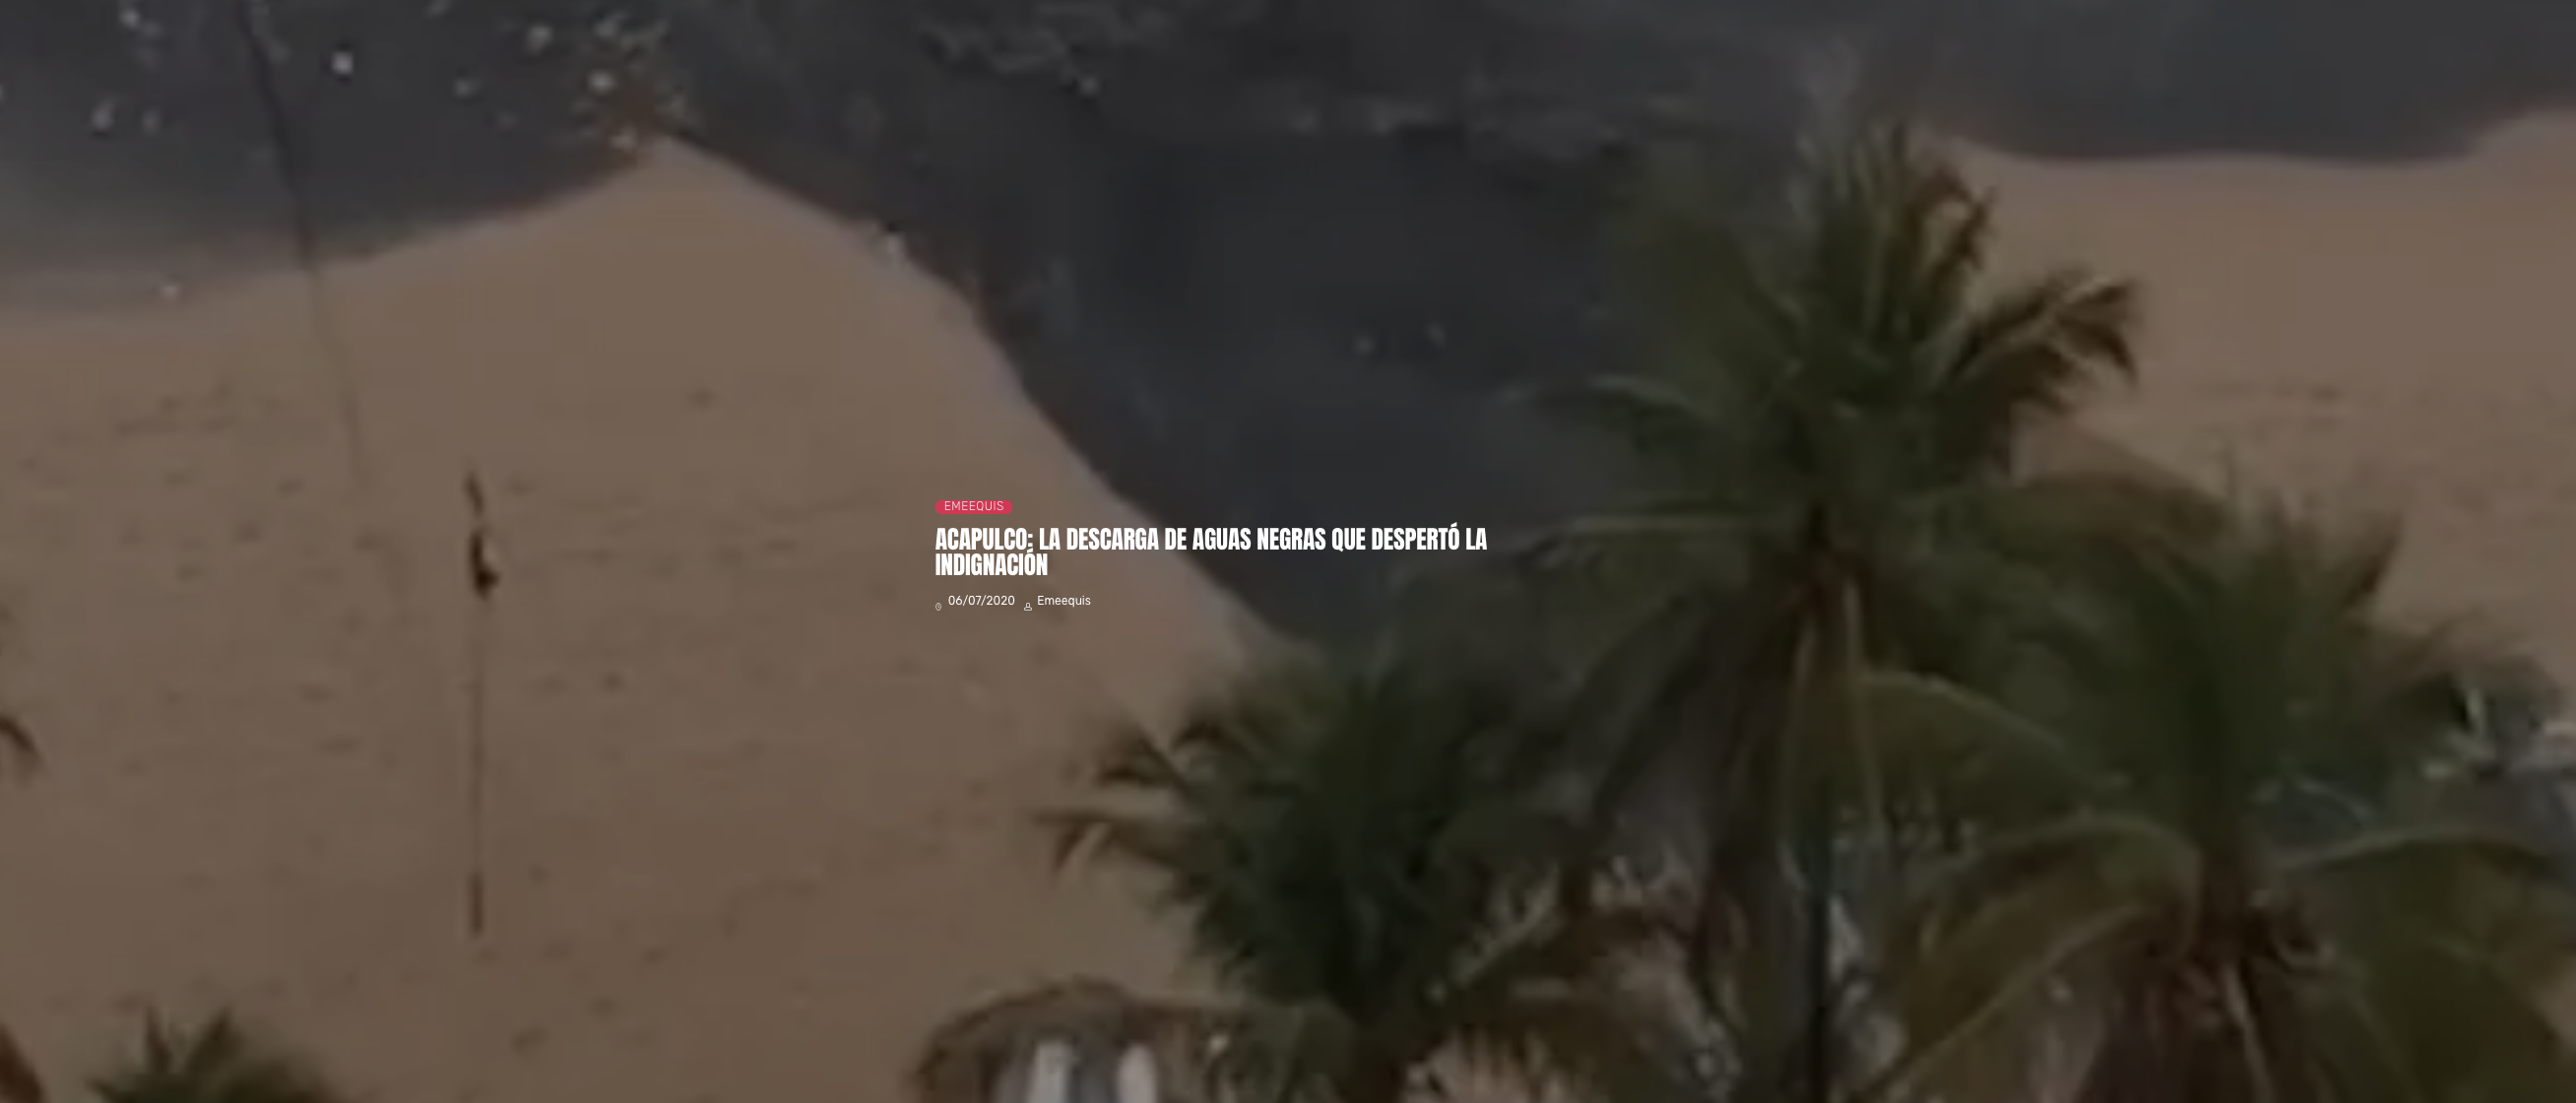 Acapulco, Guerrero: La descarga de aguas negras que despertó la indignación (LJA)